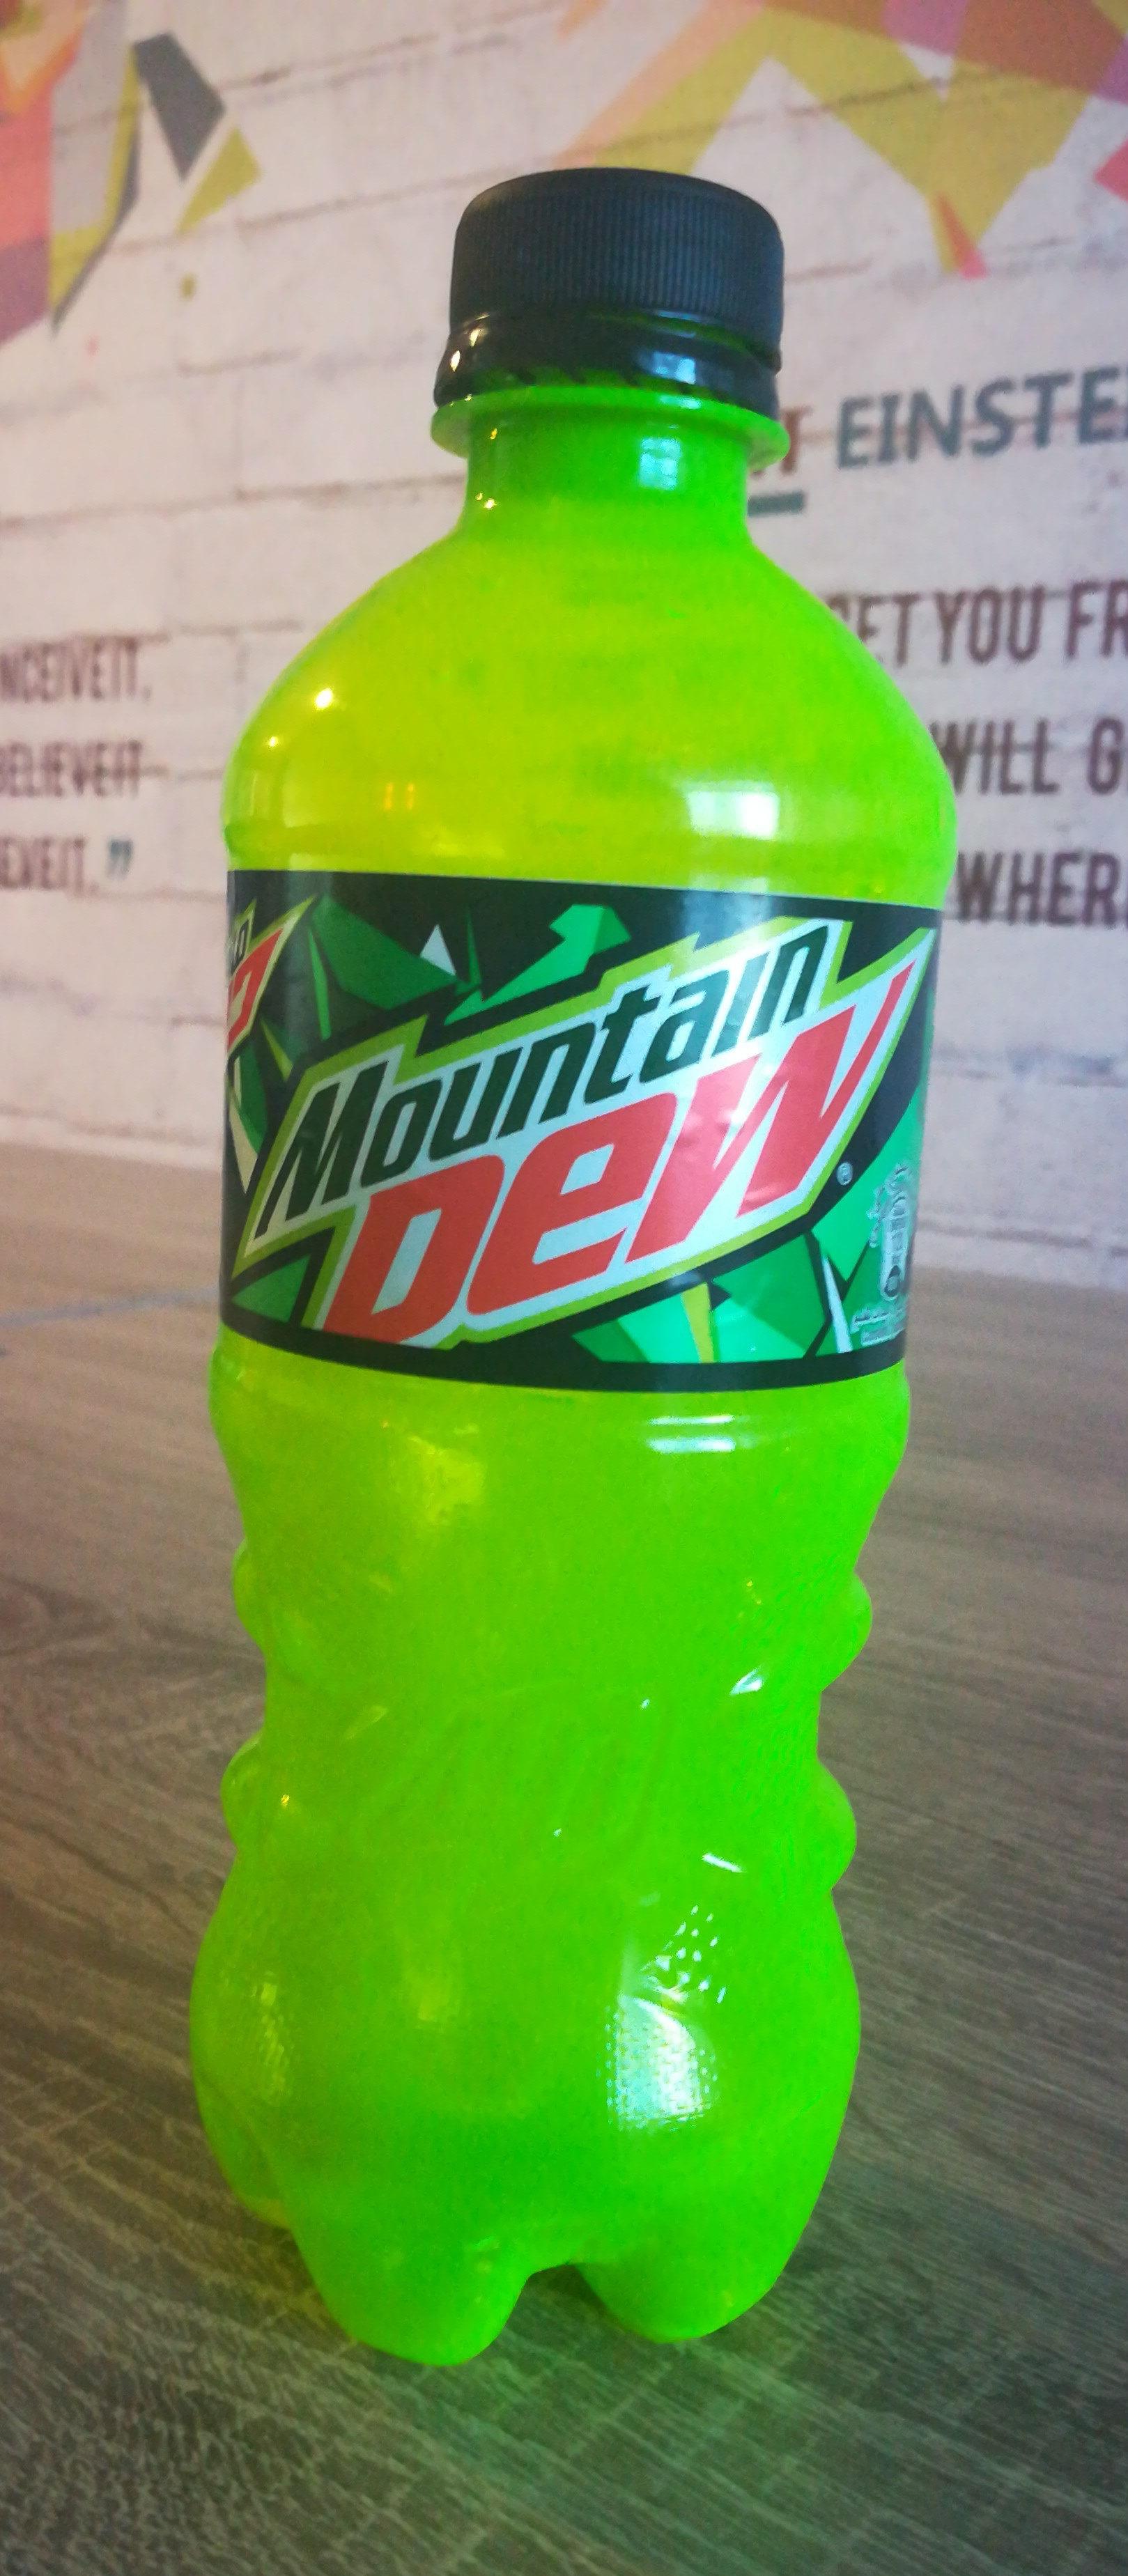 Mountain dew - Producto - en